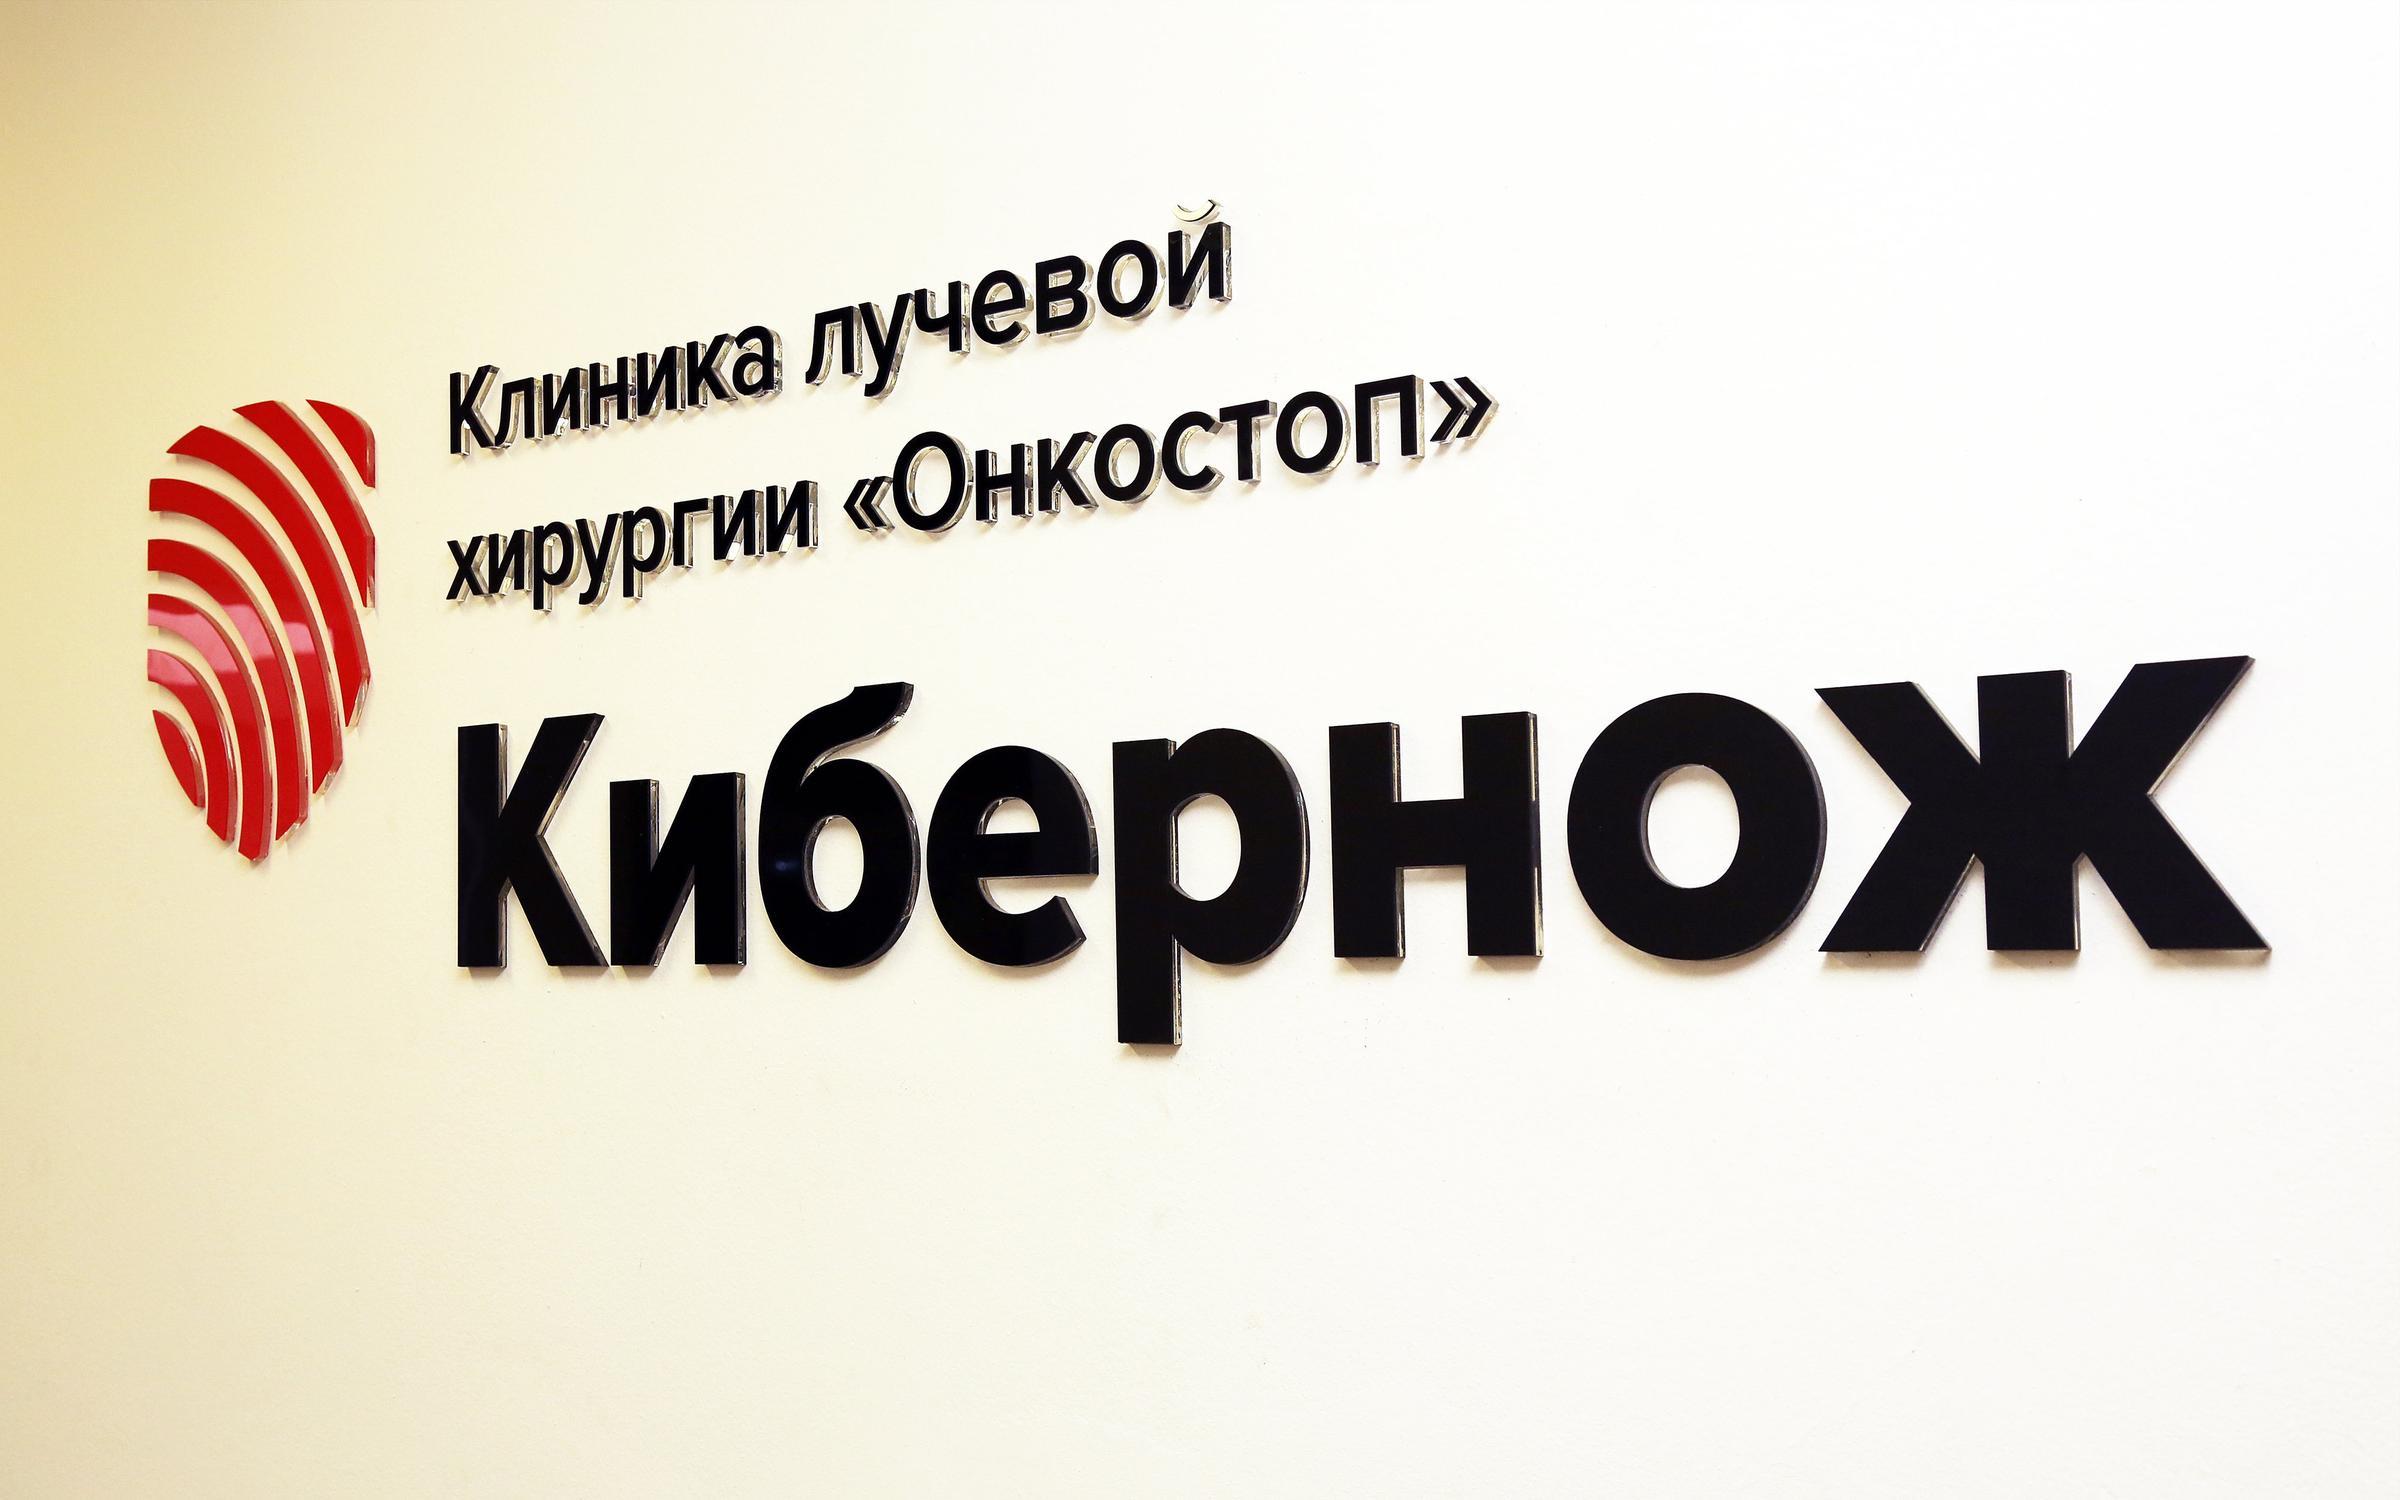 Прайс-лист центра лучевой терапии ОнкоСтоп на Каширском шоссе - Медицинские центры